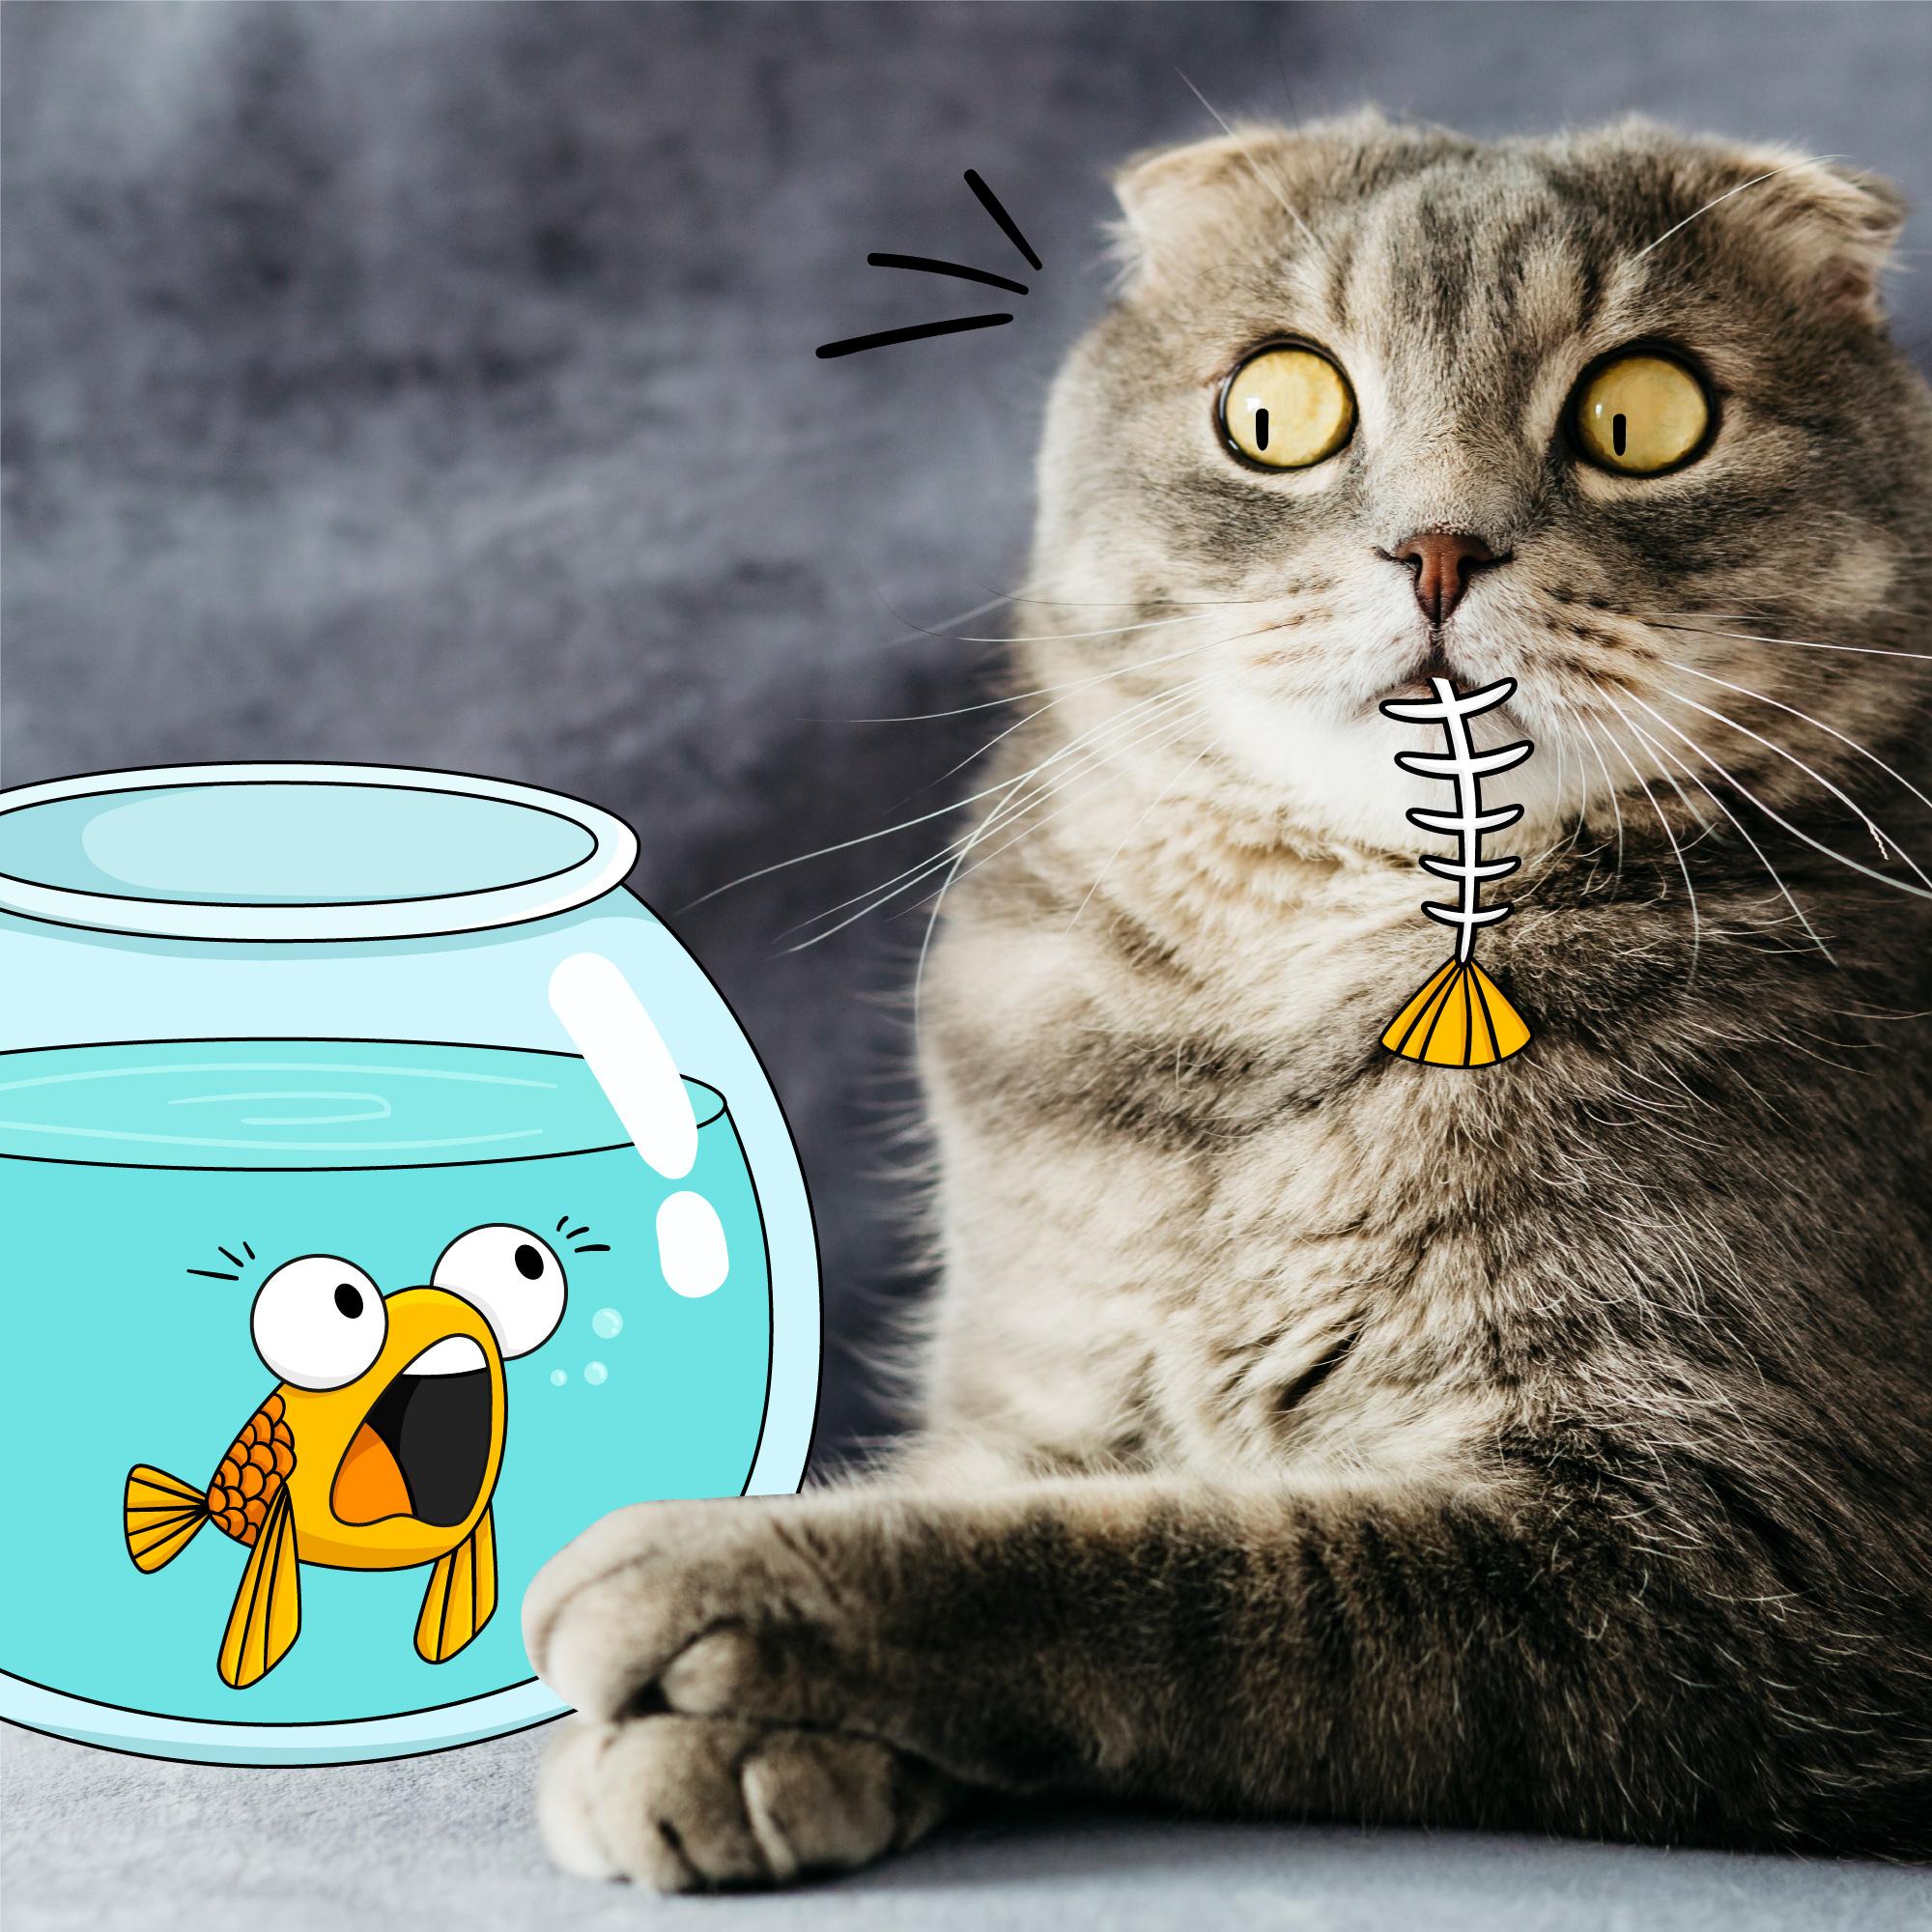 ネコに食べさせてはいけない食べ物